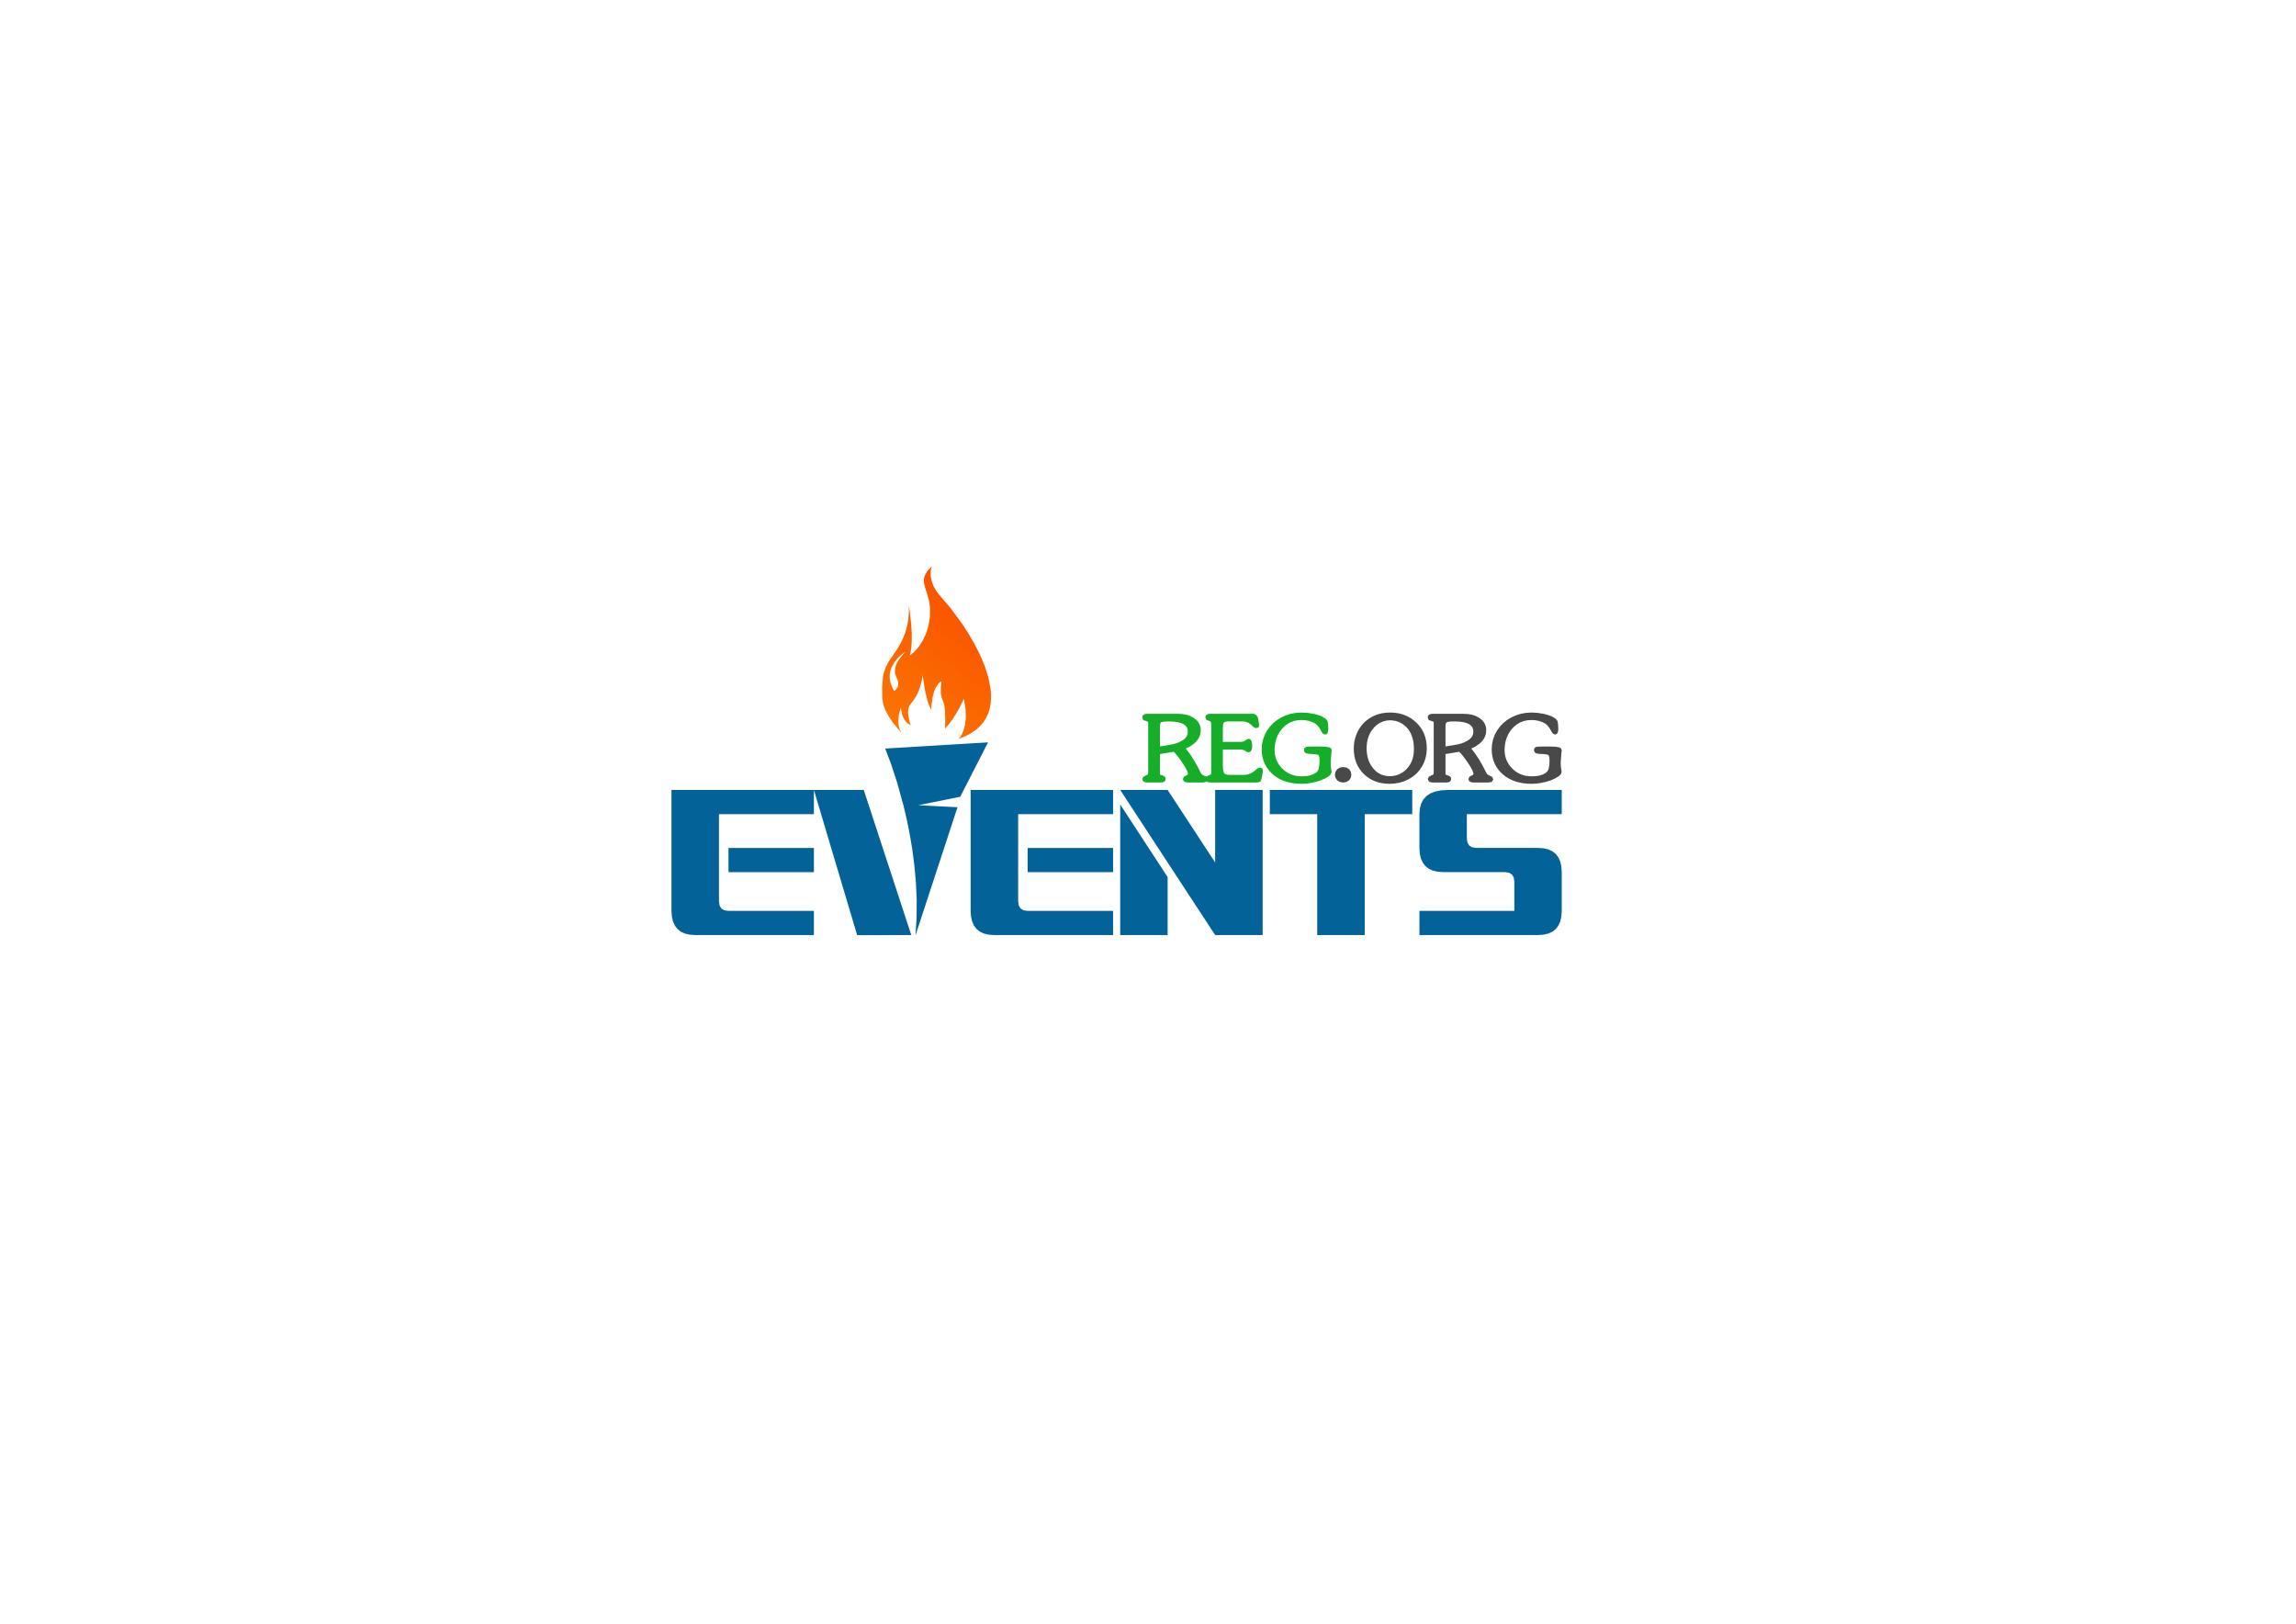 Logo Design by Mitchel Goset Baruel - Entry No. 54 in the Logo Design Contest Imaginative Logo Design for Events Reg.Org.